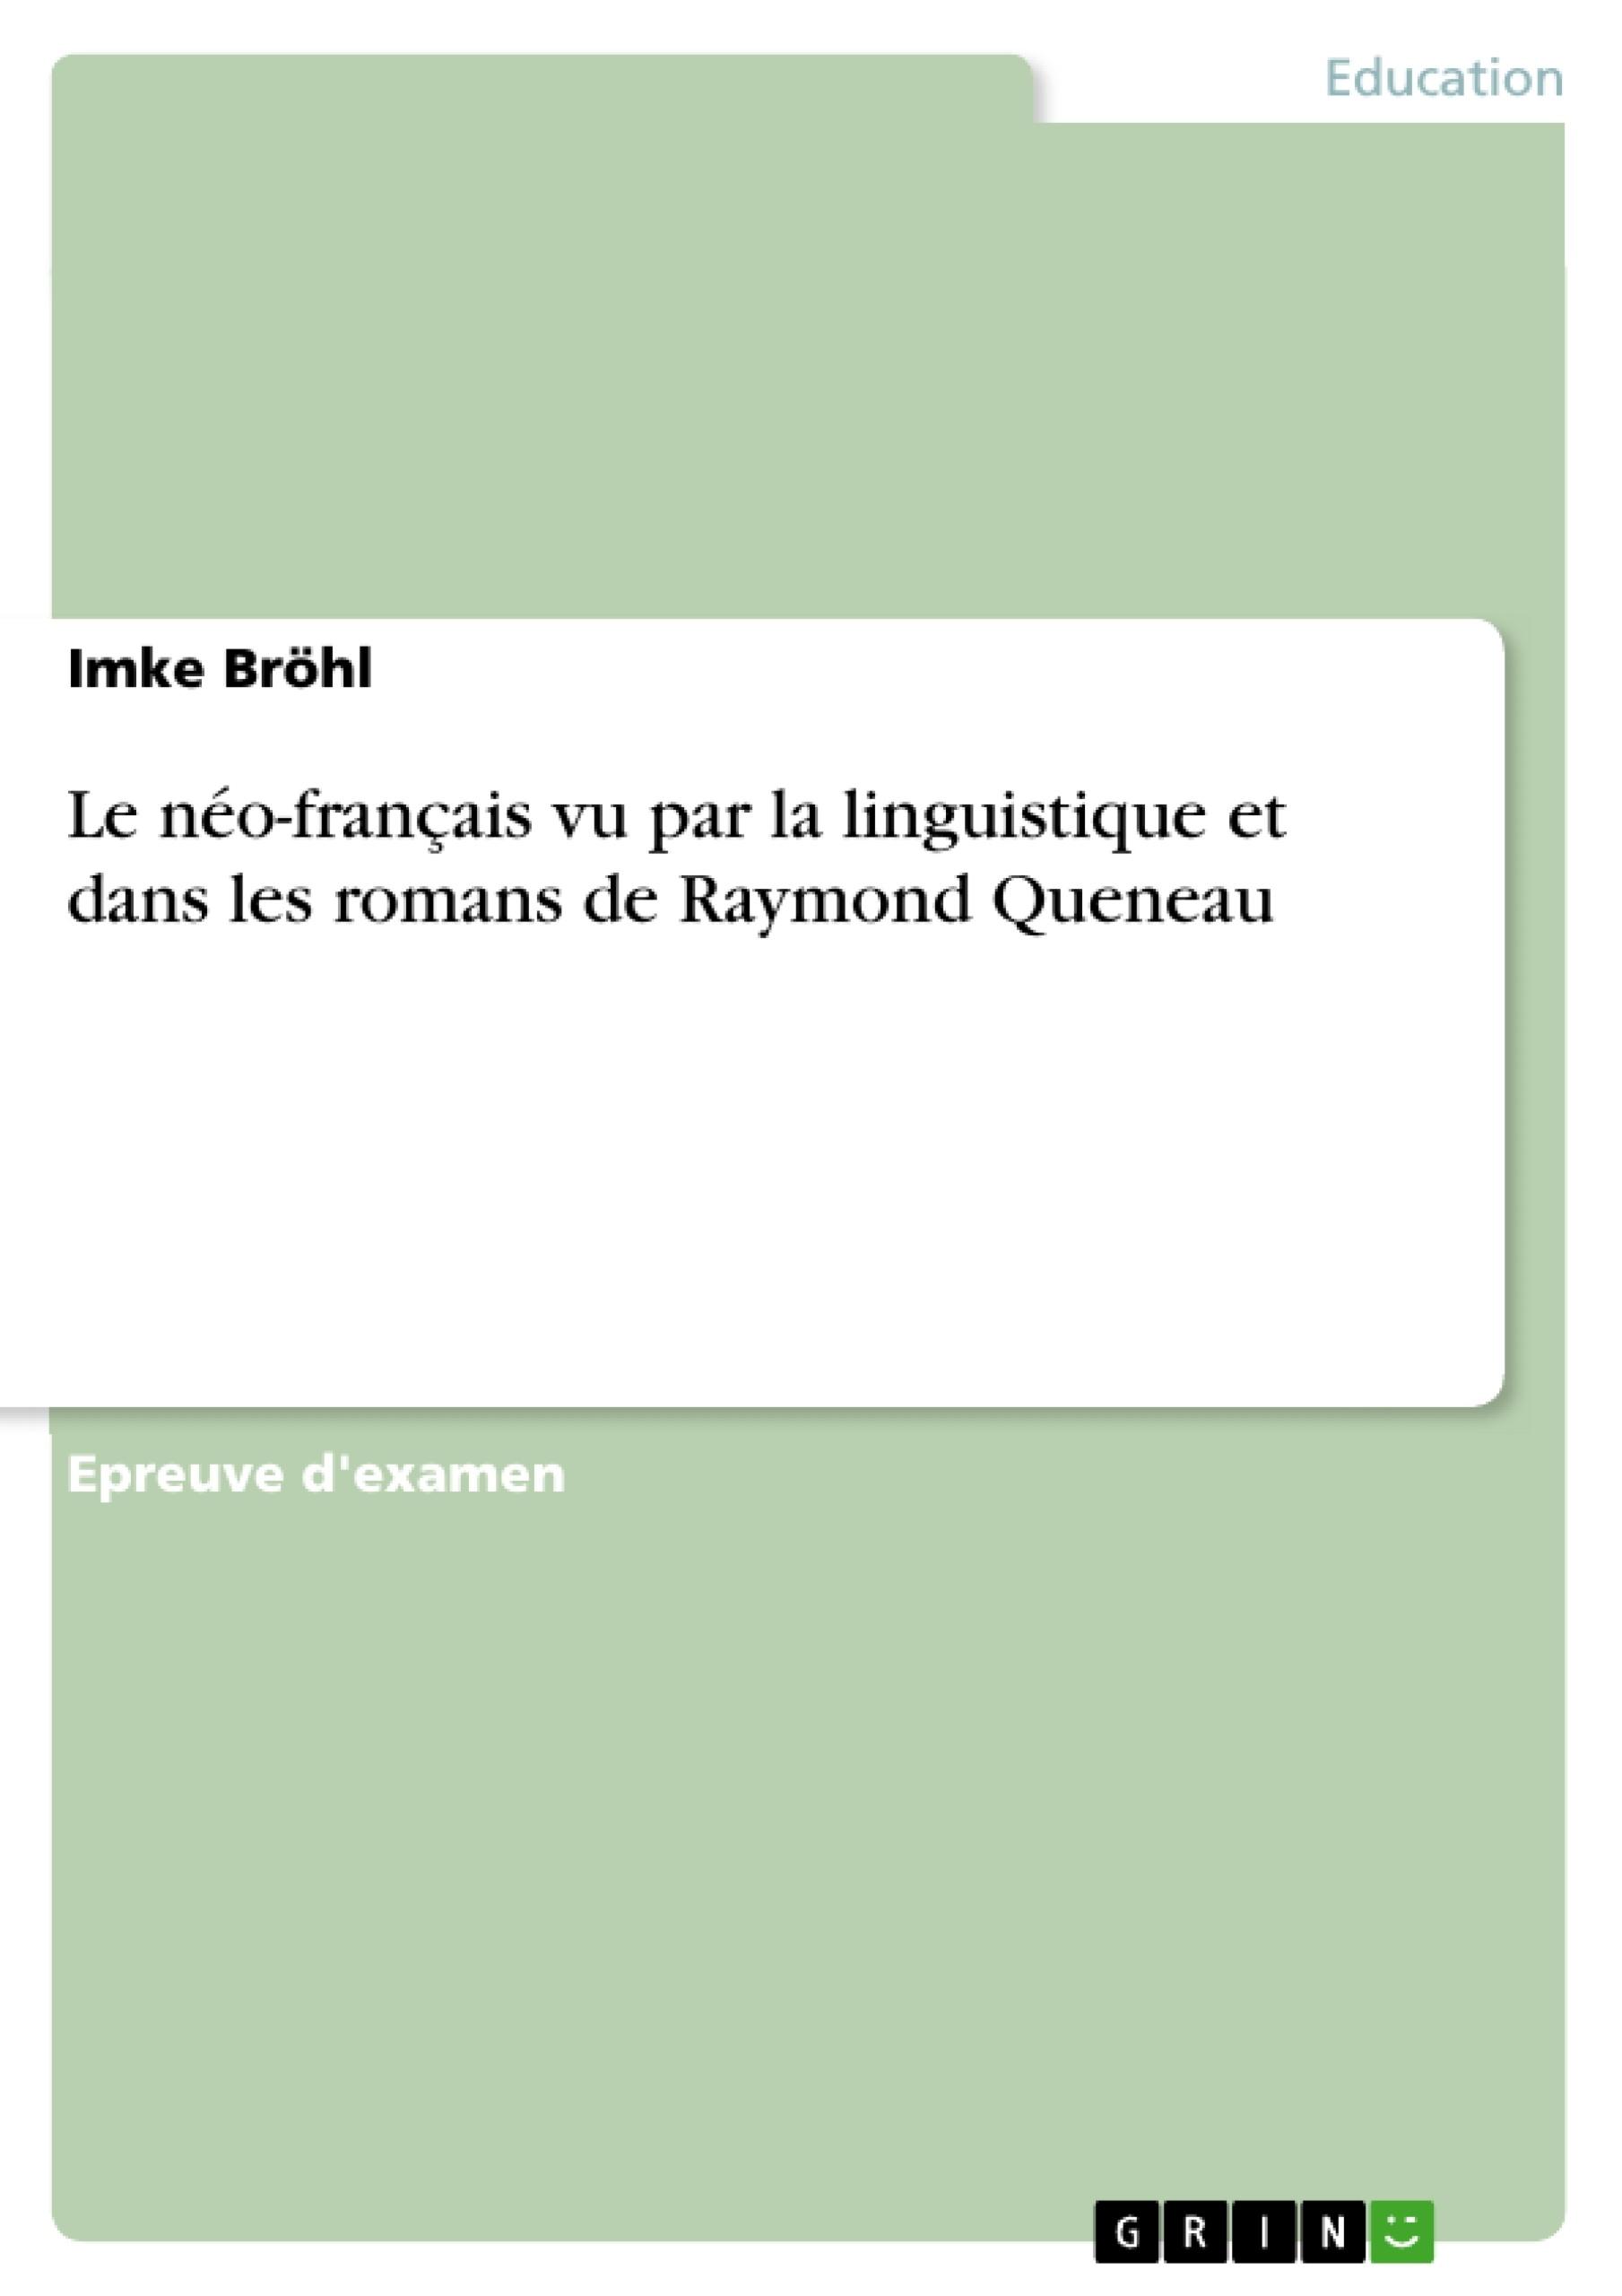 4d3f0cdd21c Le néo-français vu par la linguistique et dans les romans de ...